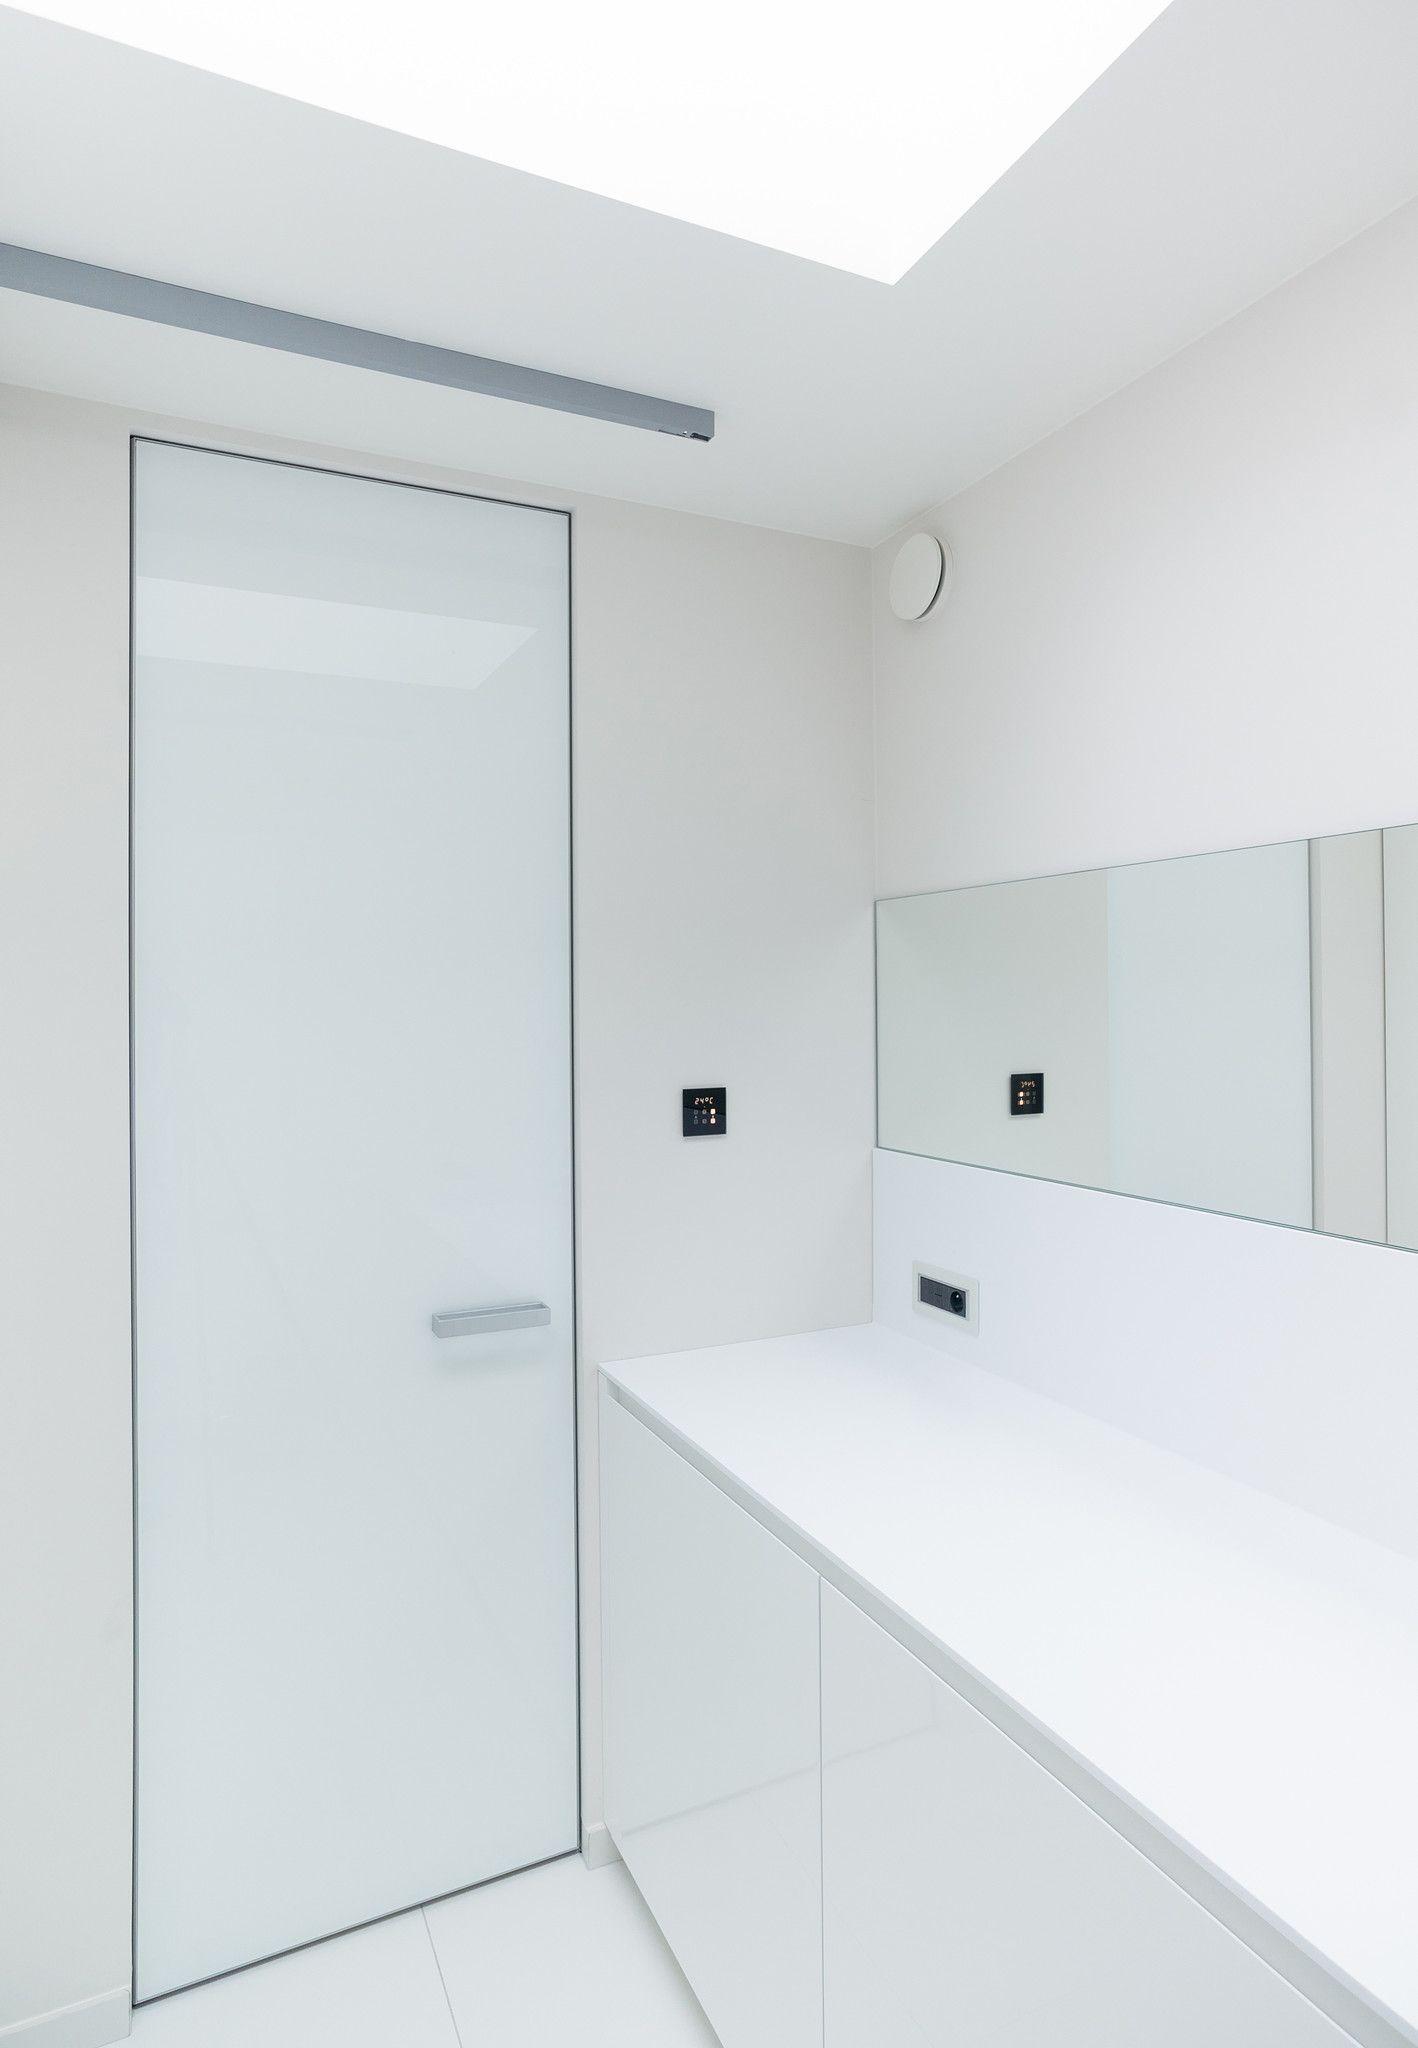 Bathroom Interior Door Modern White Glass Interior Door With An Invisible Door Frame